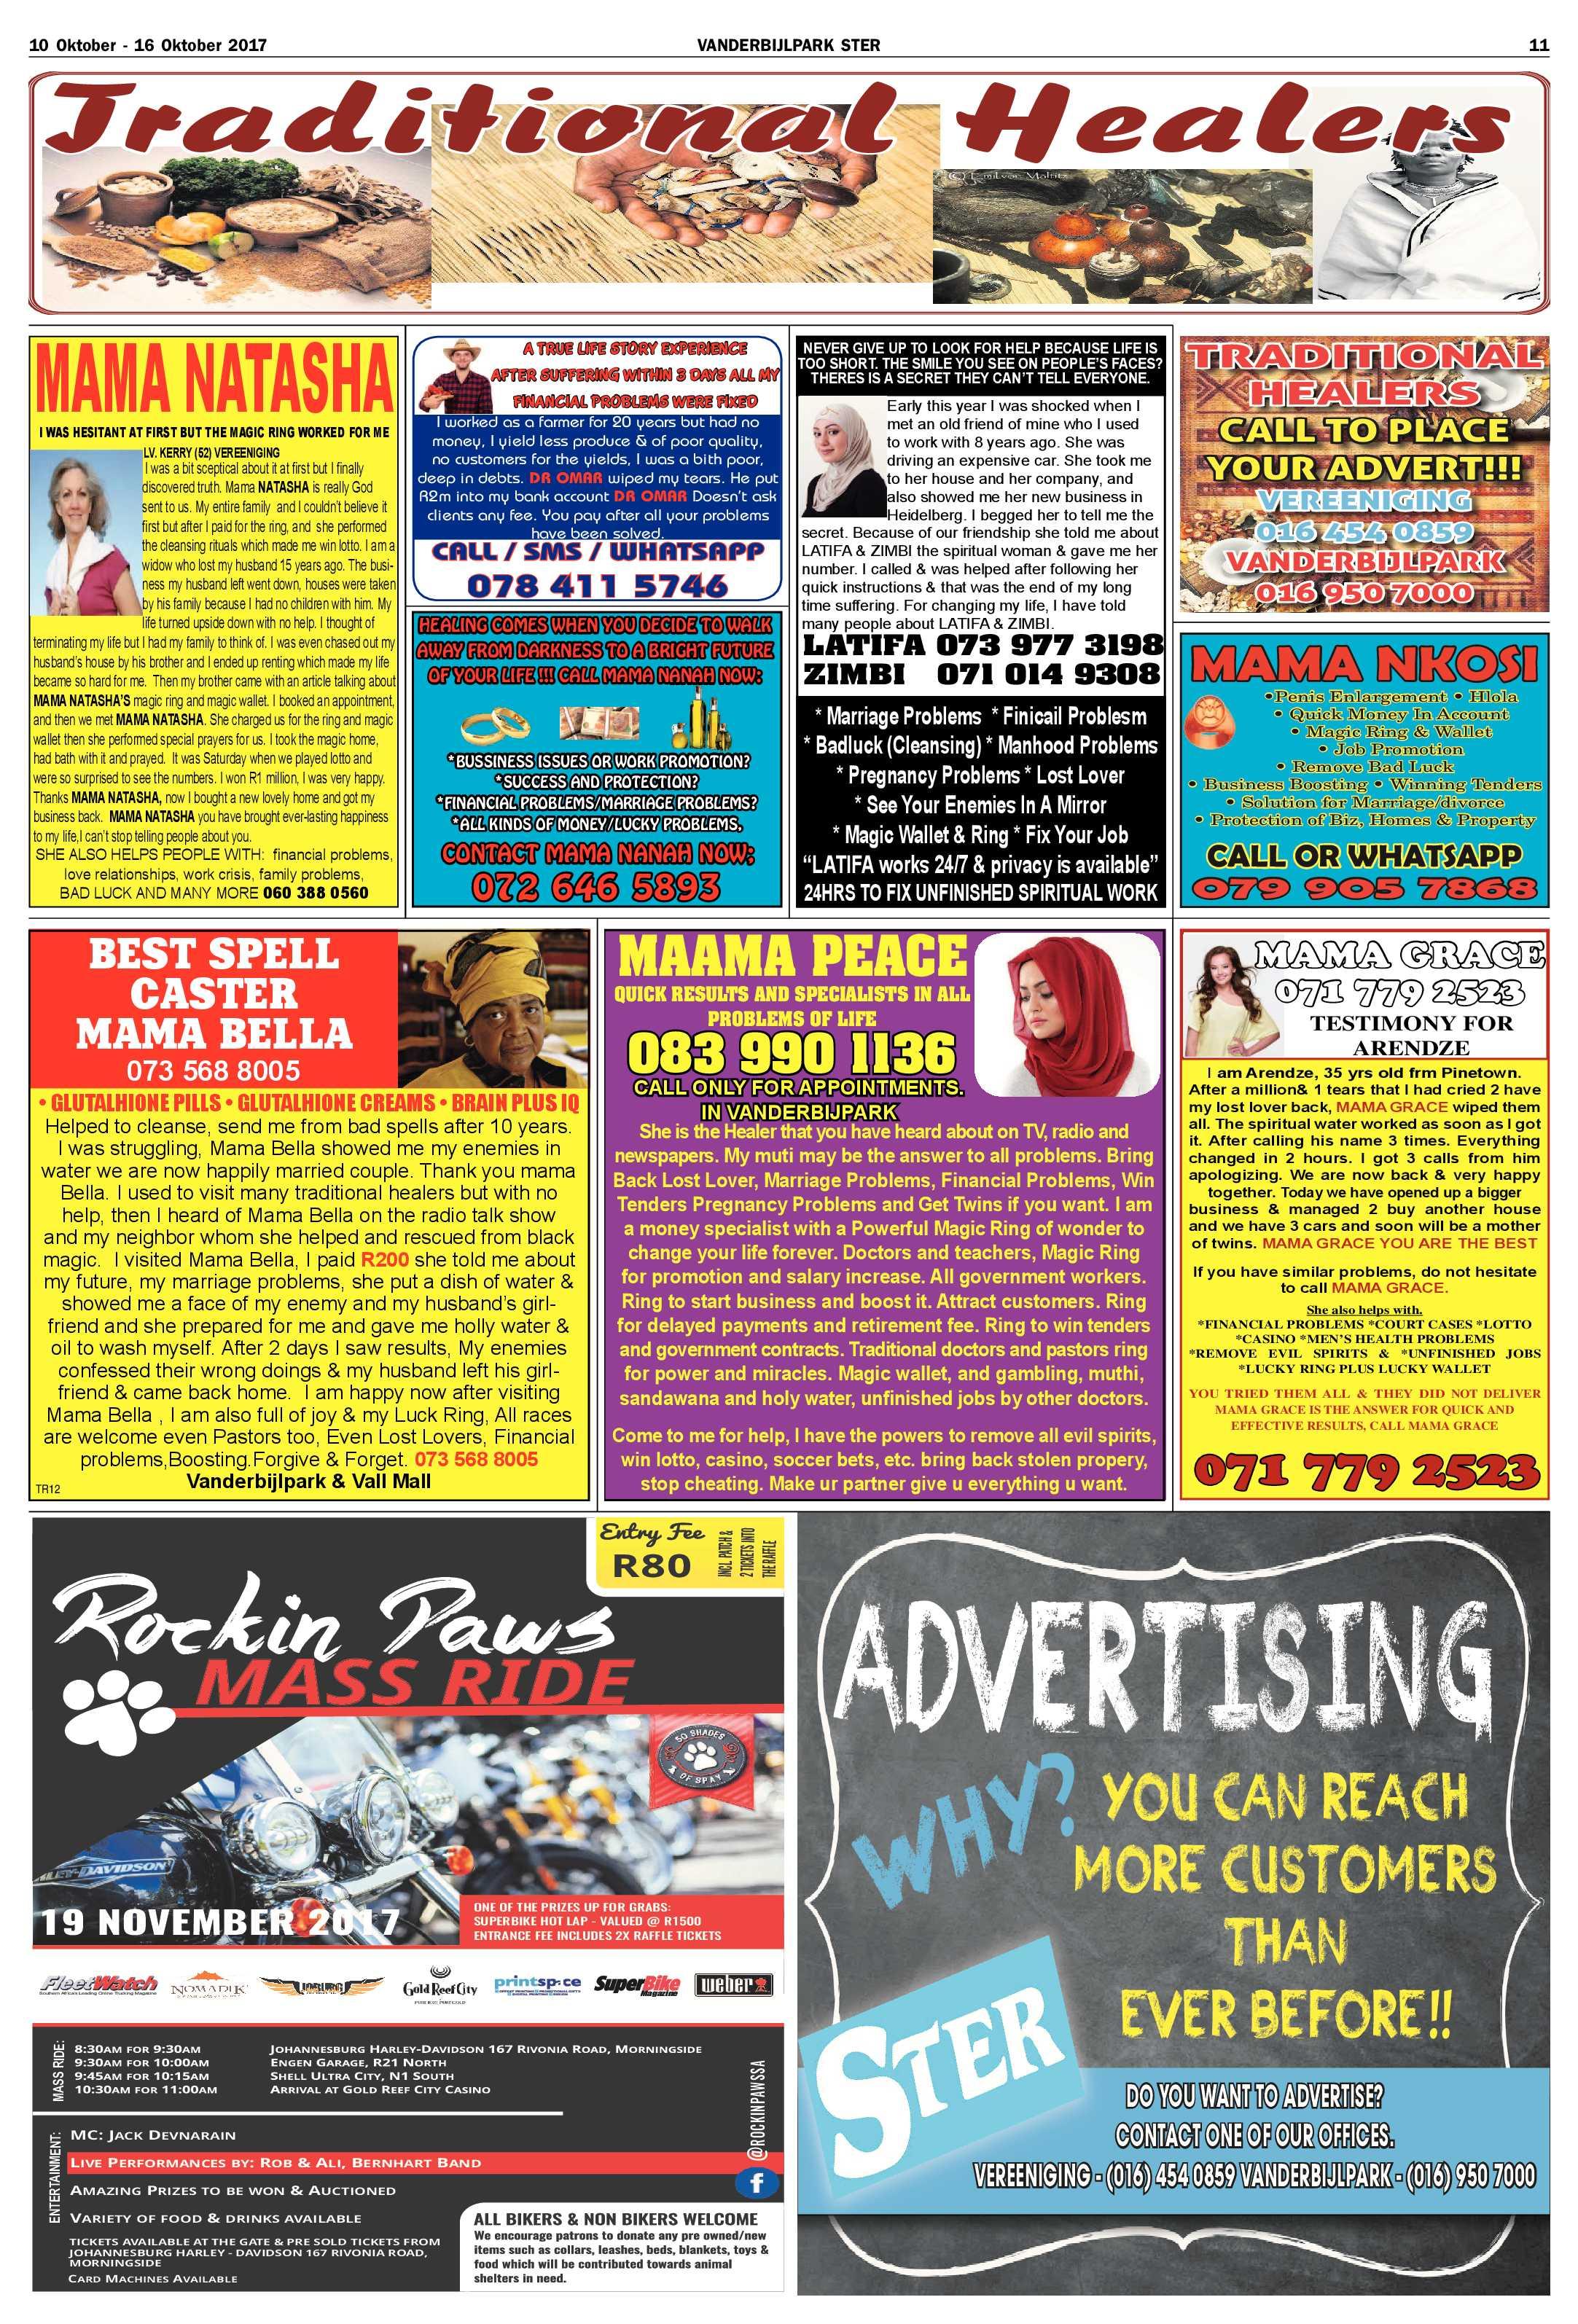 vanderbijlpark-ster-10-16-oktober-2017-epapers-page-11